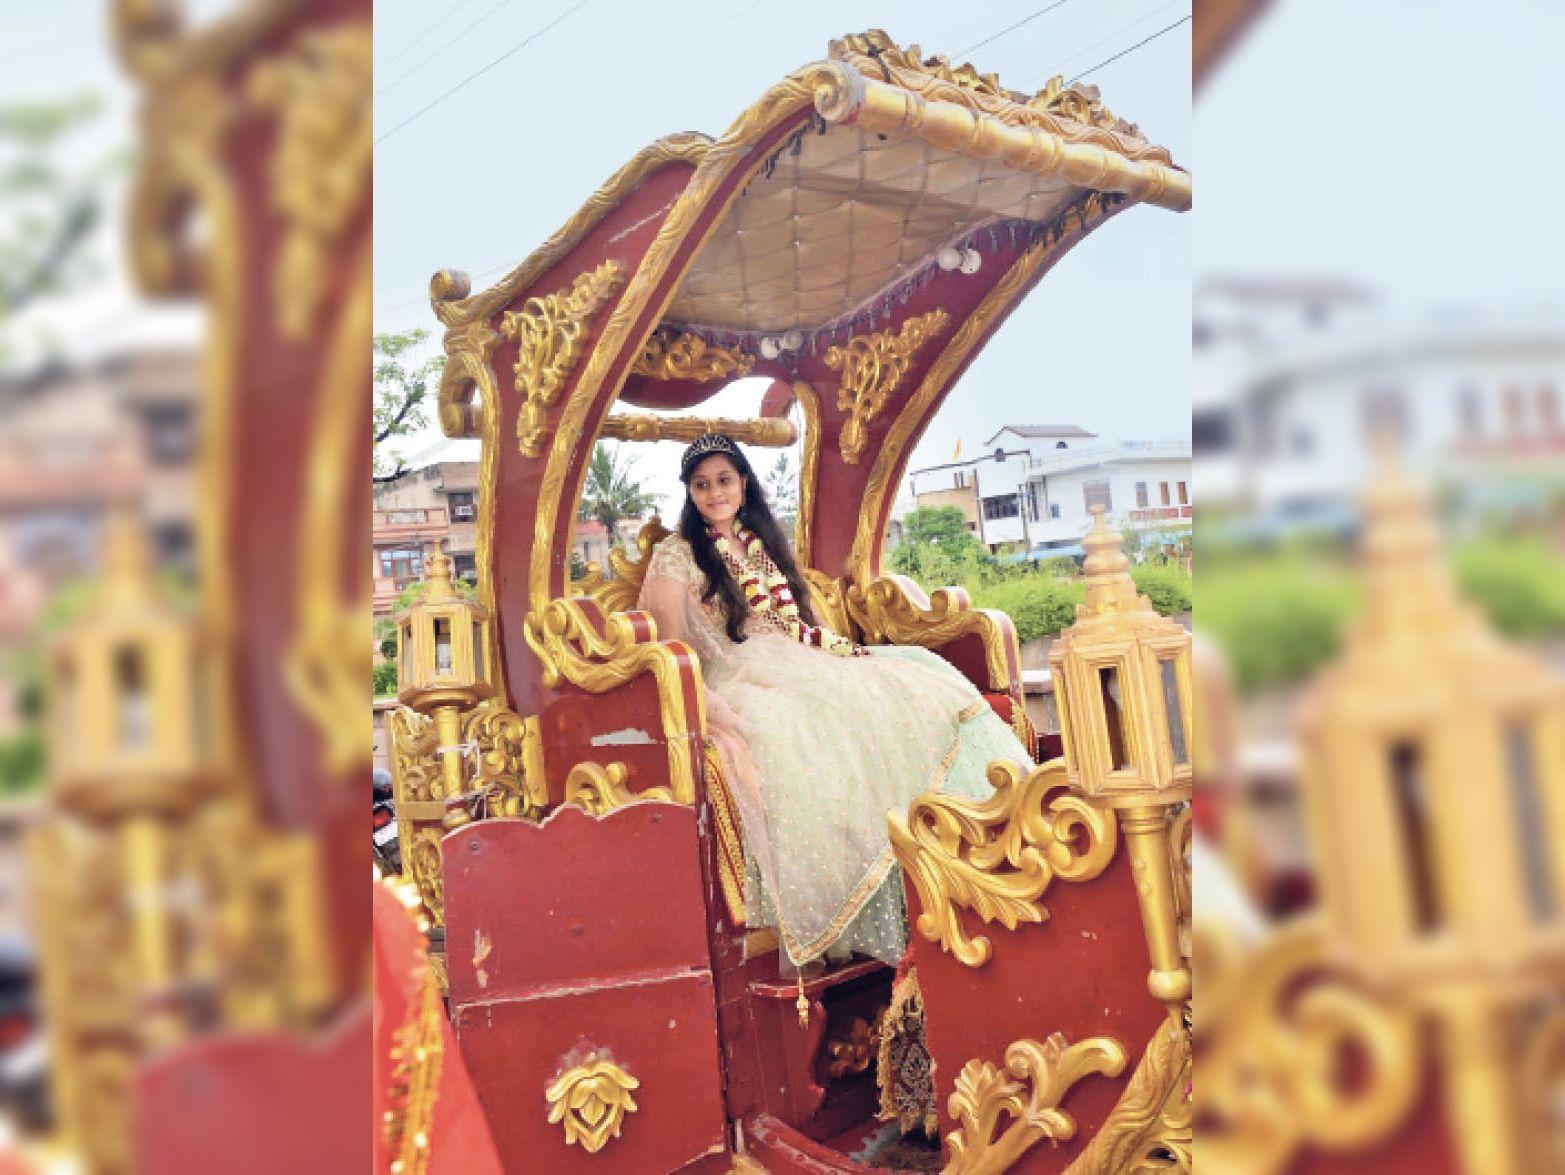 एश्वी प्रिन्सी जैन का वरघोड़ा। - Dainik Bhaskar